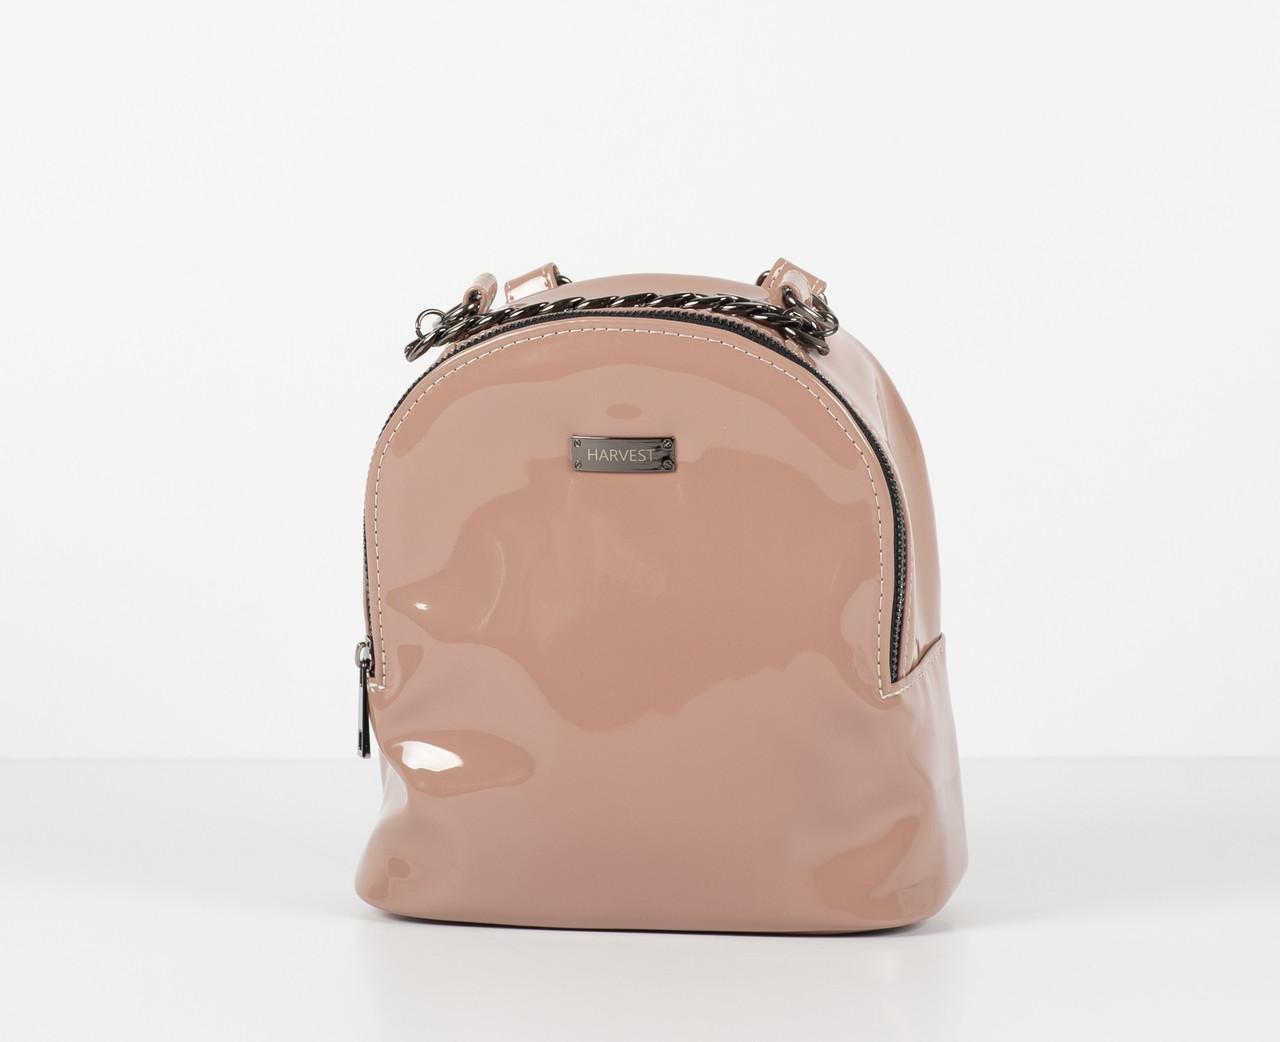 Женский рюкзак сумка лаковая эко-кожа HARVEST бежевый (женский рюкзак,